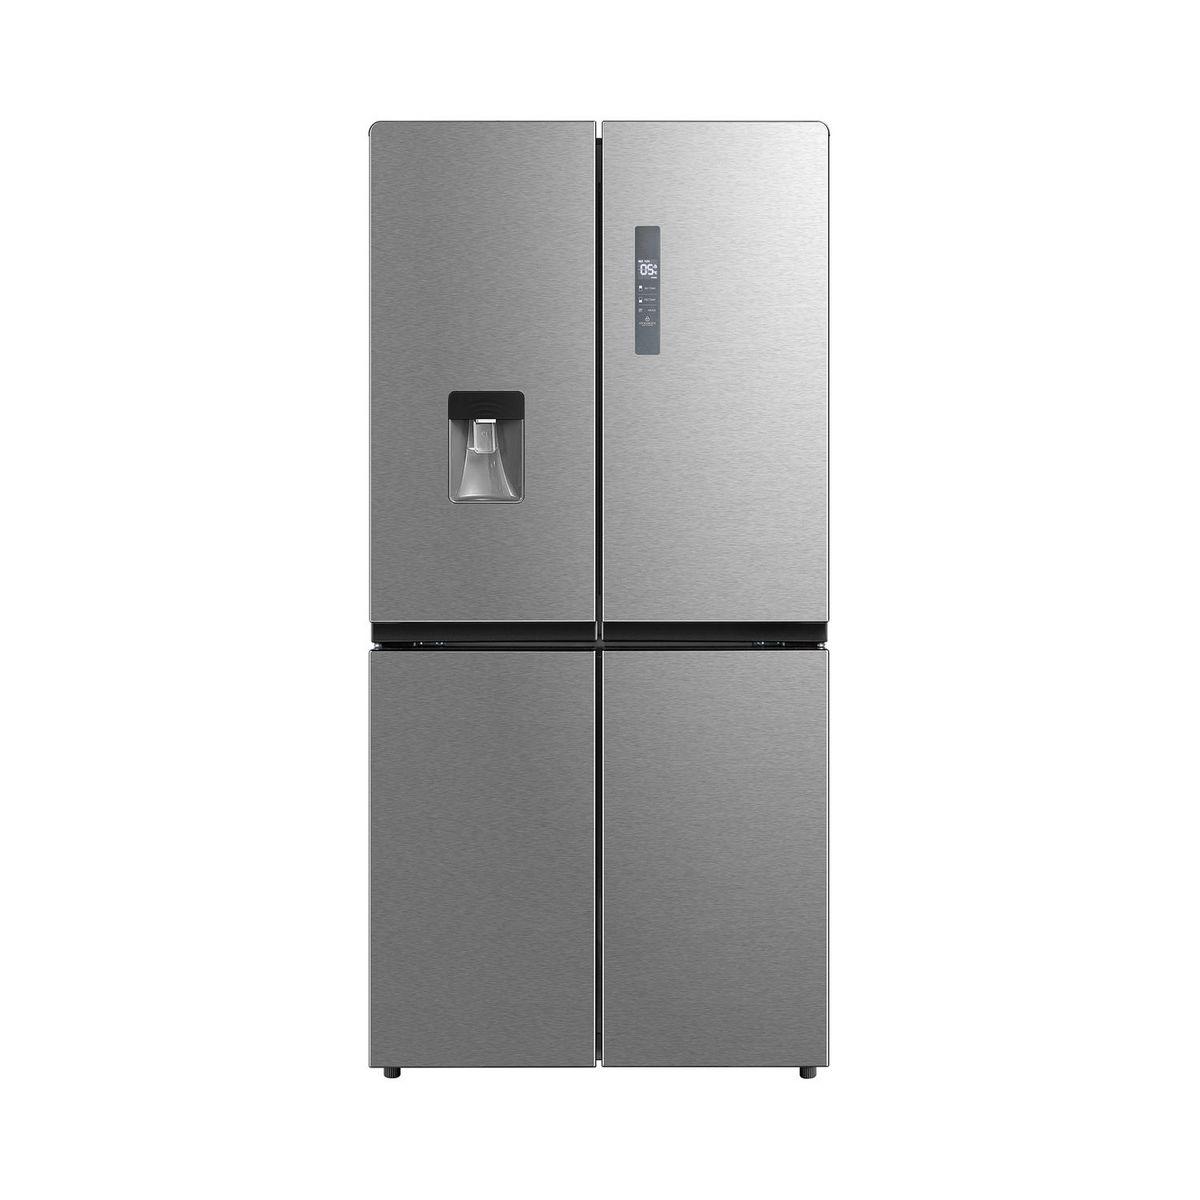 Réfrigérateur multi portes 155485, 467 L, Froid no Frost